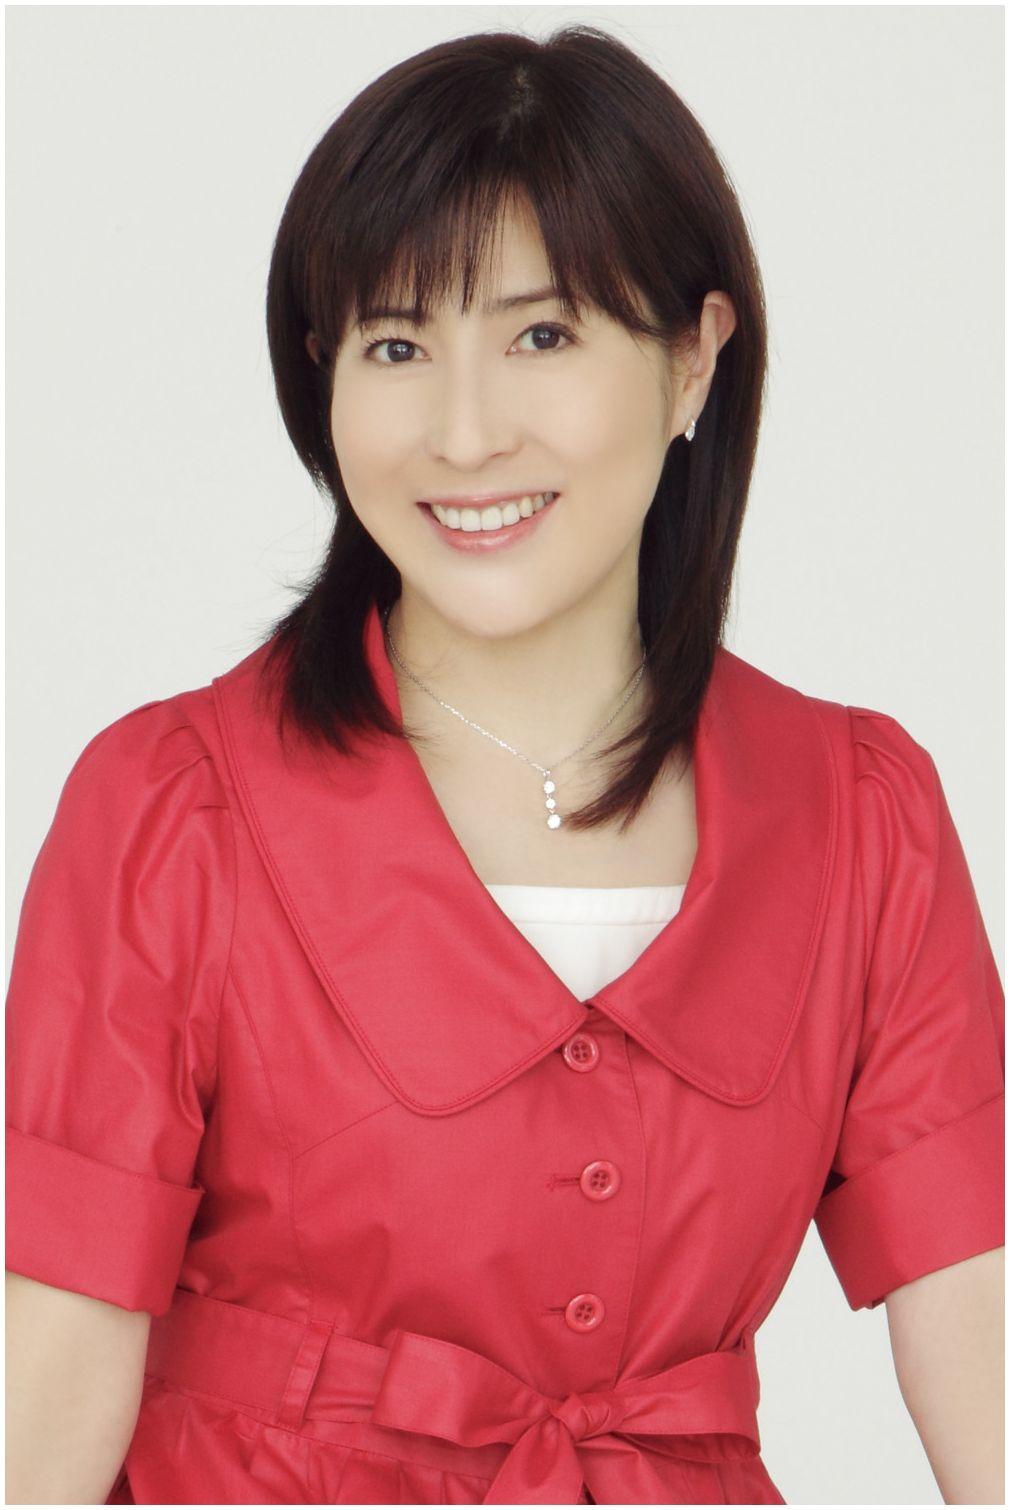 アイドル画像速報!麻木久仁子(52)wwwwwwwwwwコメントコメントするトラックバック                じょたろ